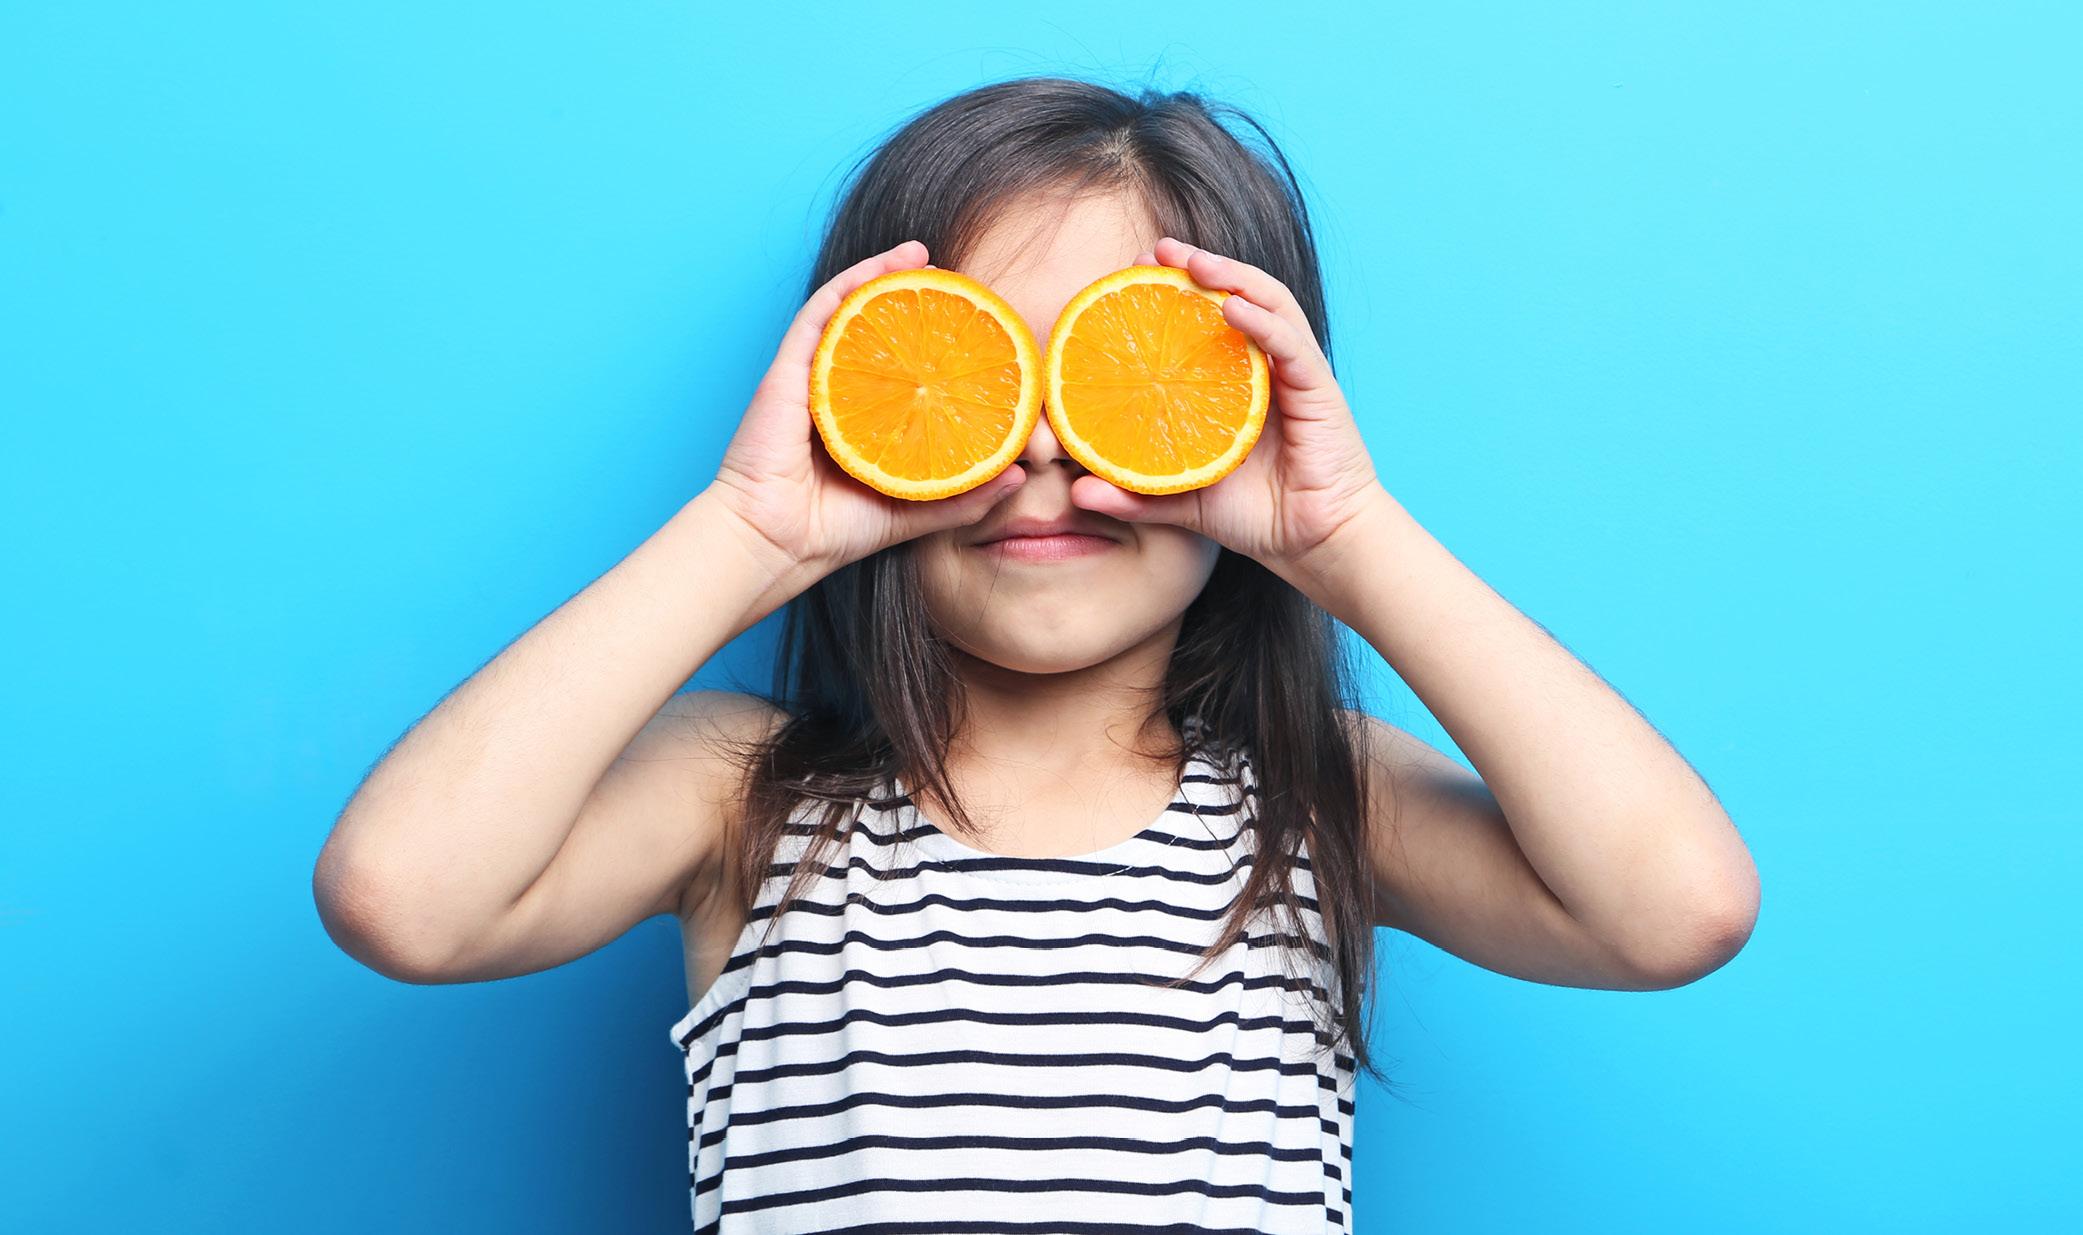 Dalla frutta fresca, così com'è in natura!